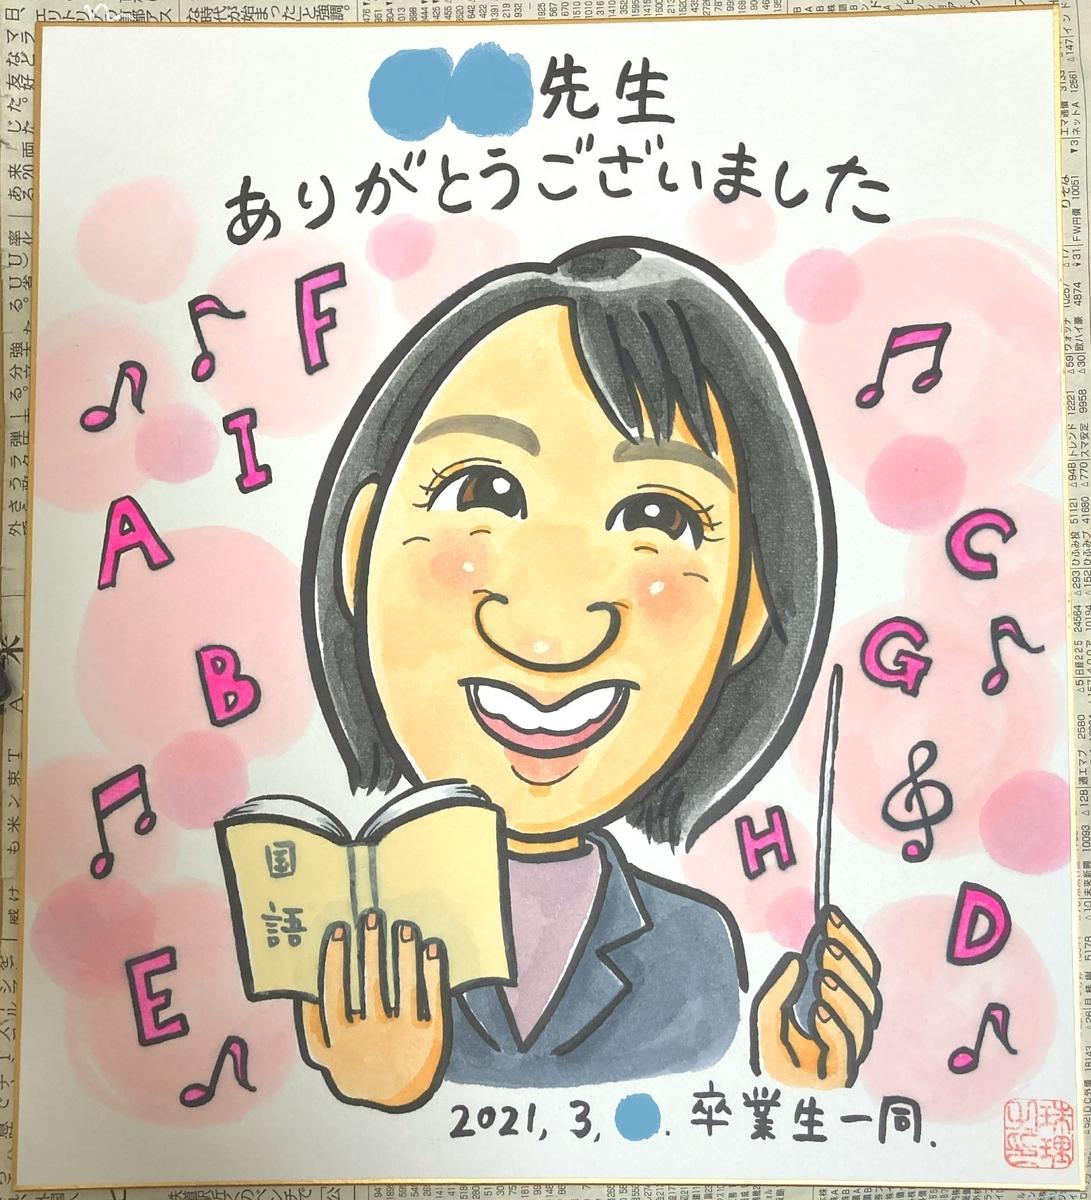 先生へ贈る卒業記念品の似顔絵 北海道札幌の似顔絵作家高井じゅり 似顔絵ファクトリー